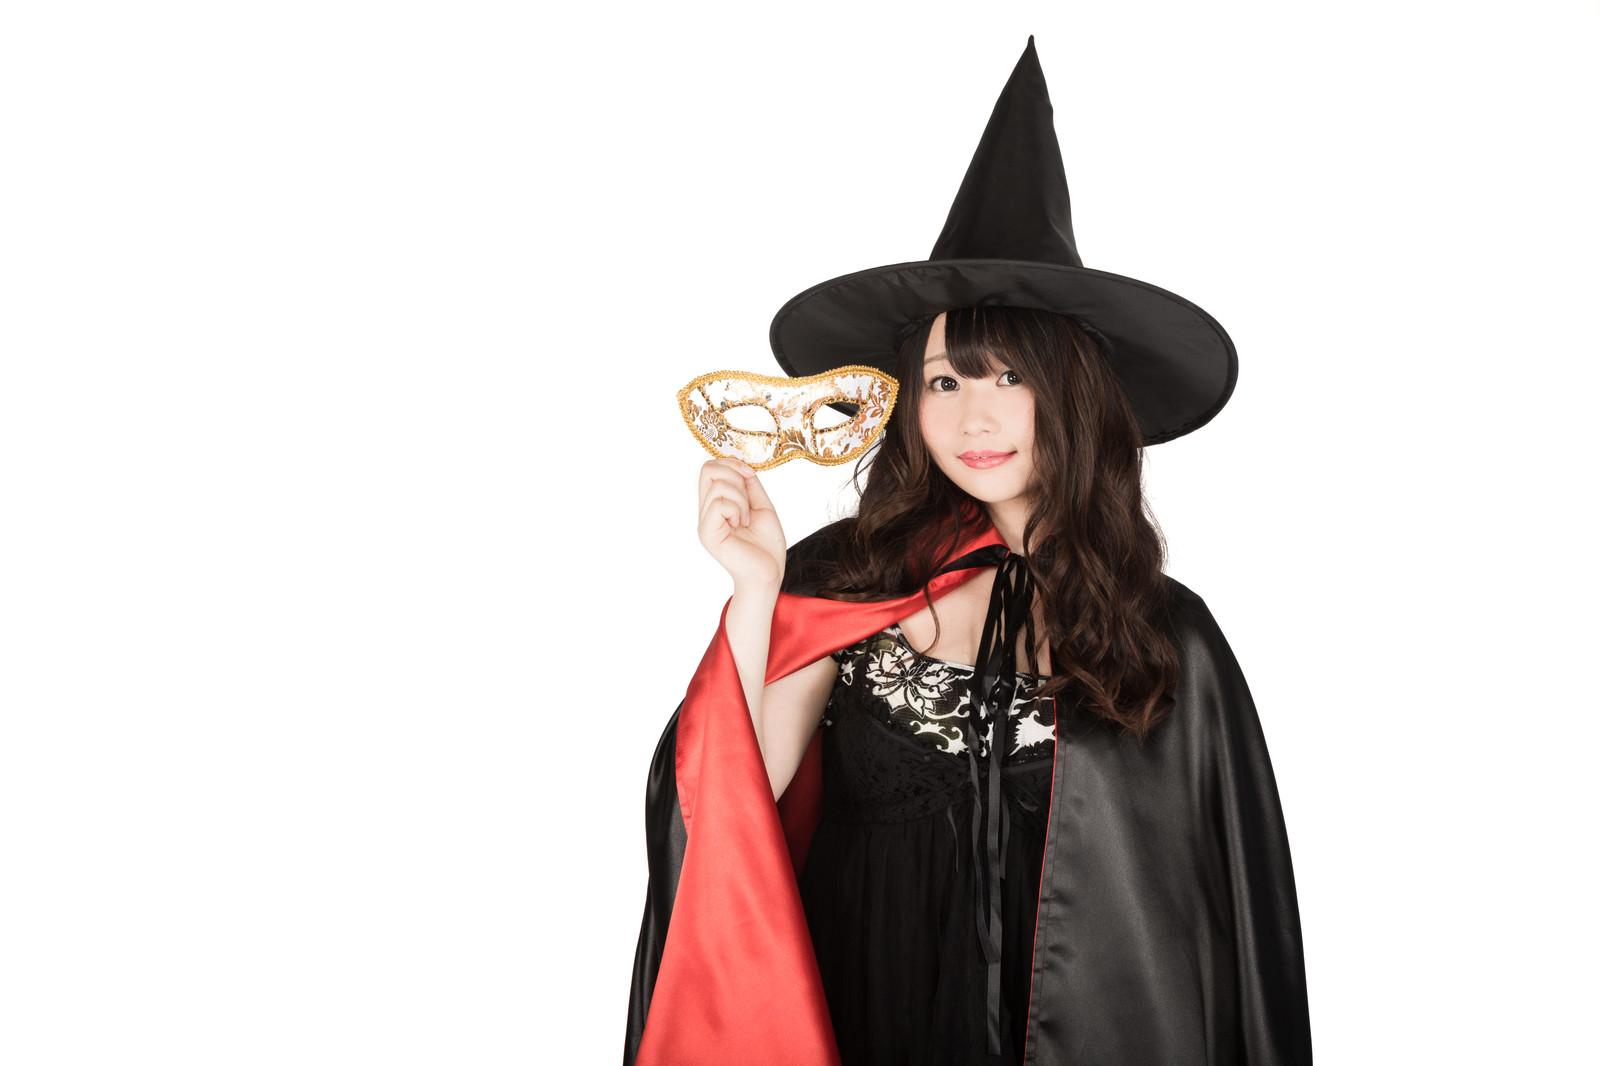 ハロウィン魔女のマント手作り 大人用の簡単な作り方